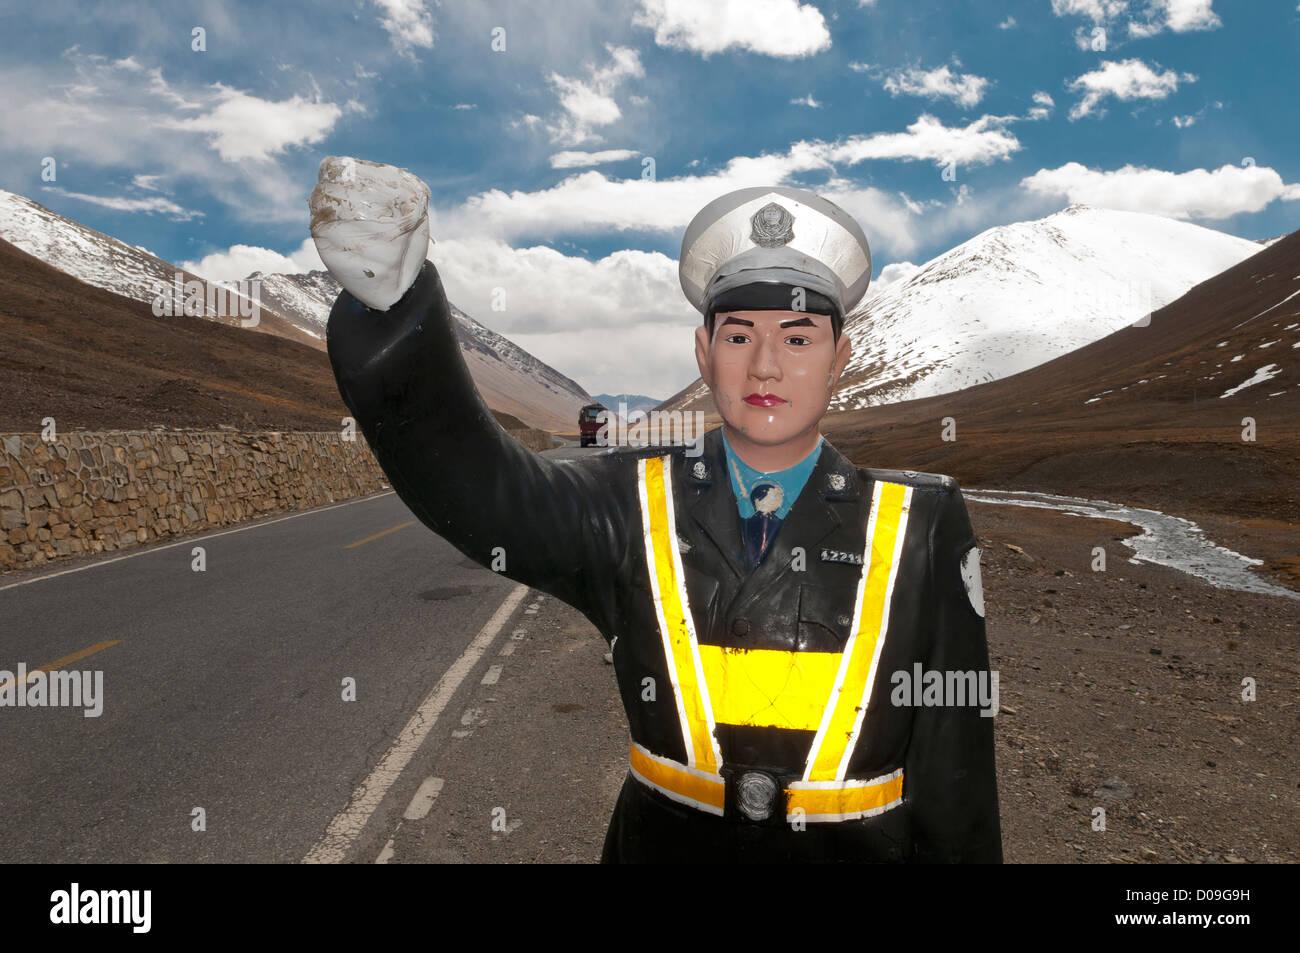 Plástico de tamaño más grande que la vida misma policía de tráfico espera promover la seguridad vial en la Gen La Foto de stock